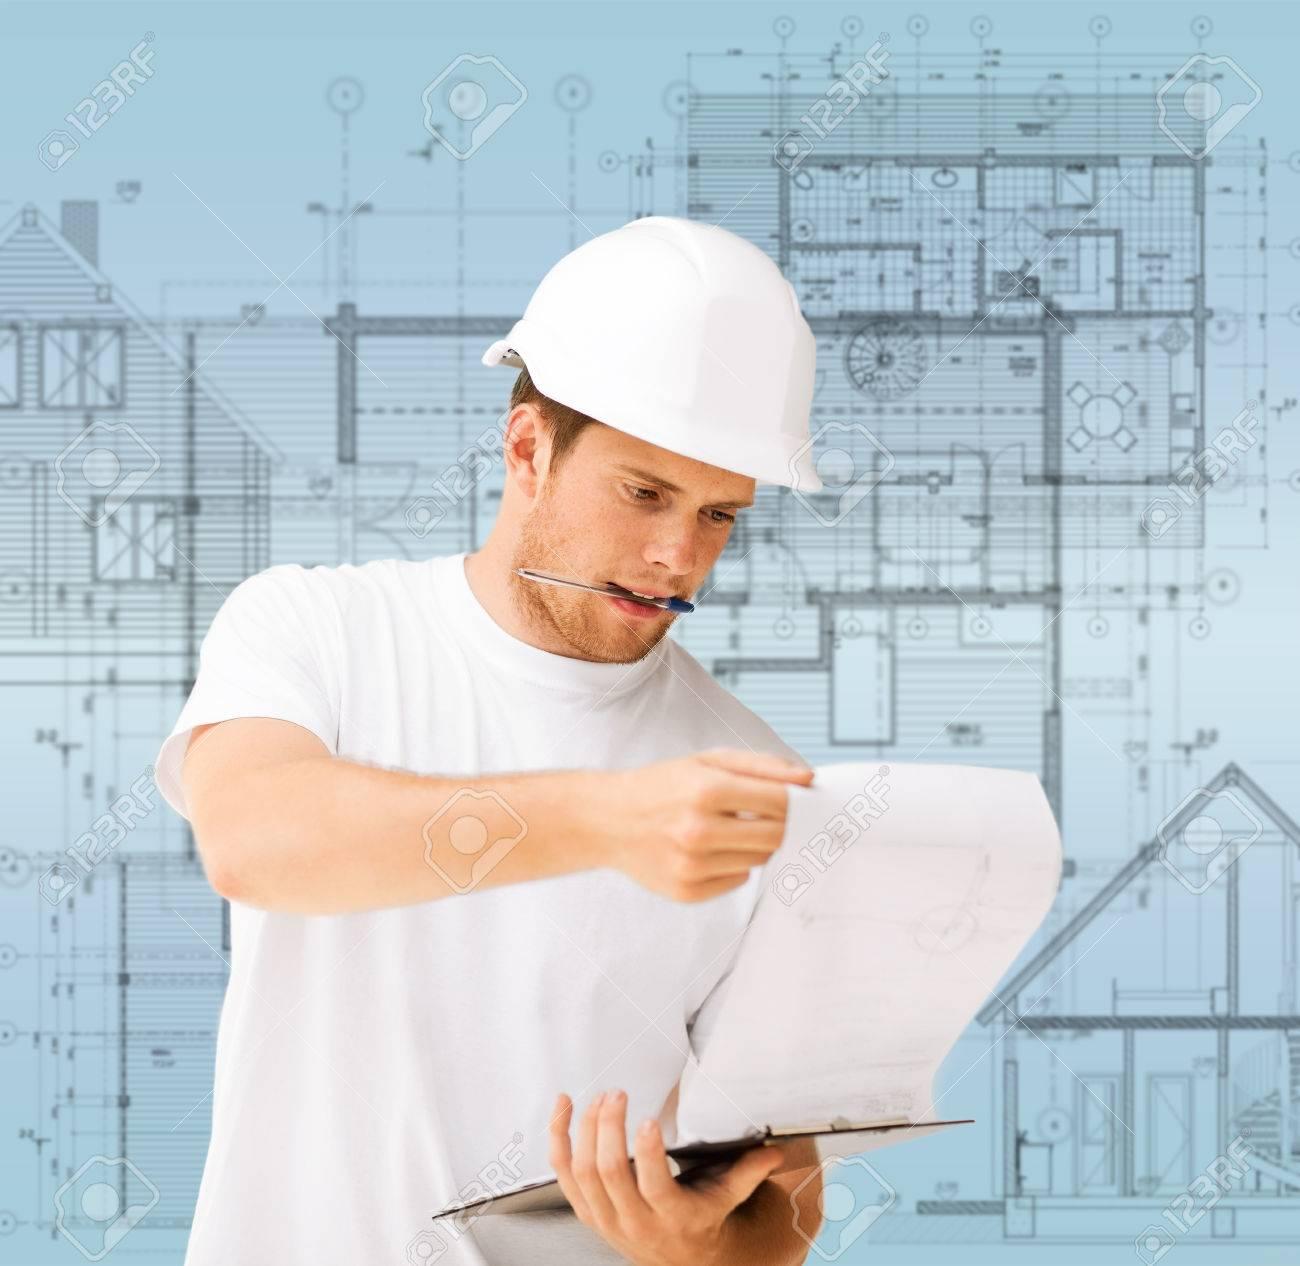 Brilliant Architekt Suchen Das Beste Von Aufbau, Die Entwicklung, Konstruktion Und Architektur-konzept -